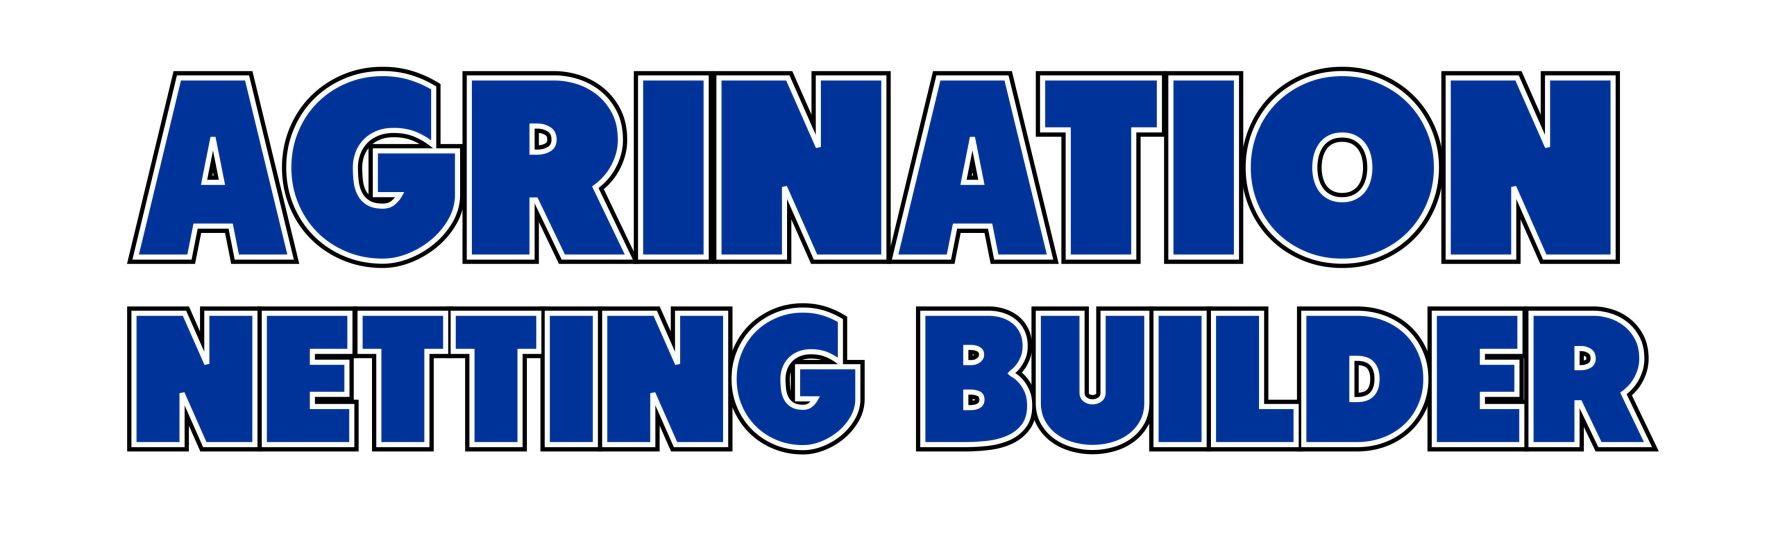 NETTING BUILDER